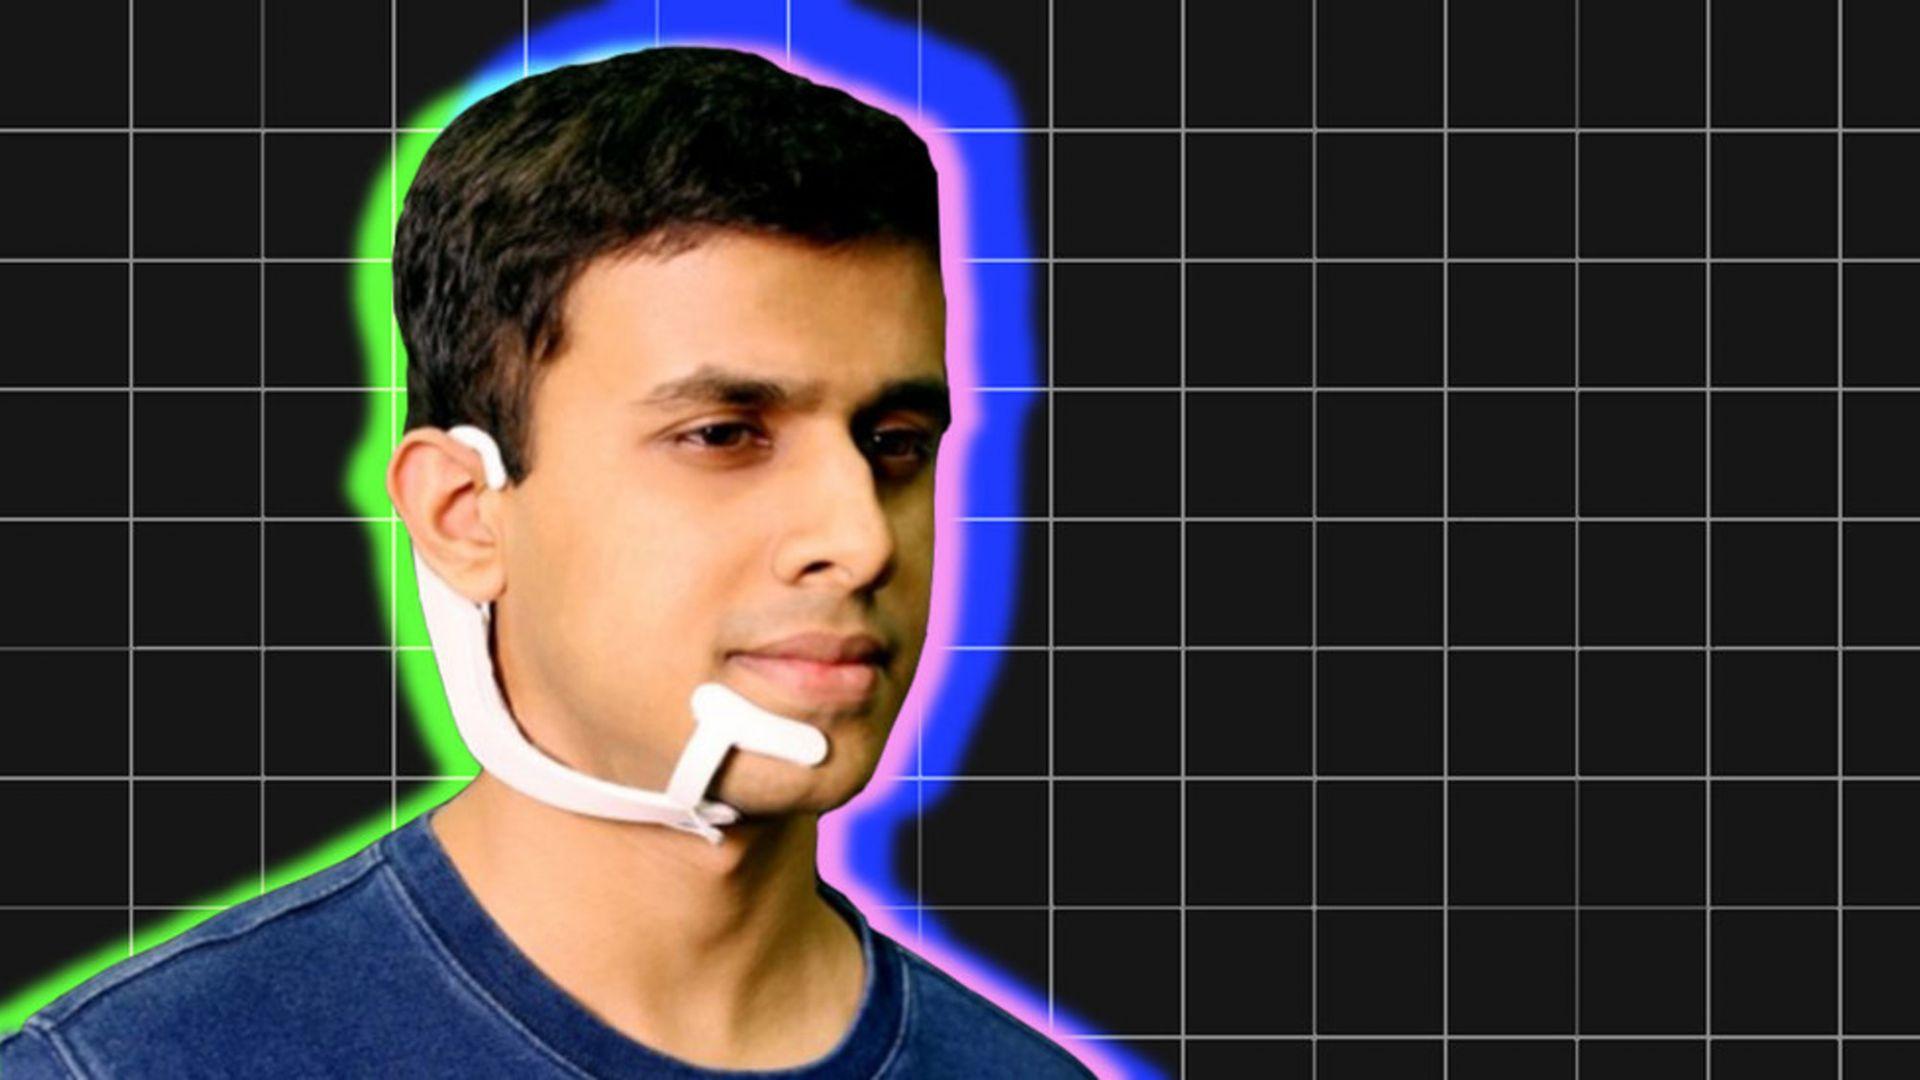 Устройство вкарва дигитален асистент в главата ни